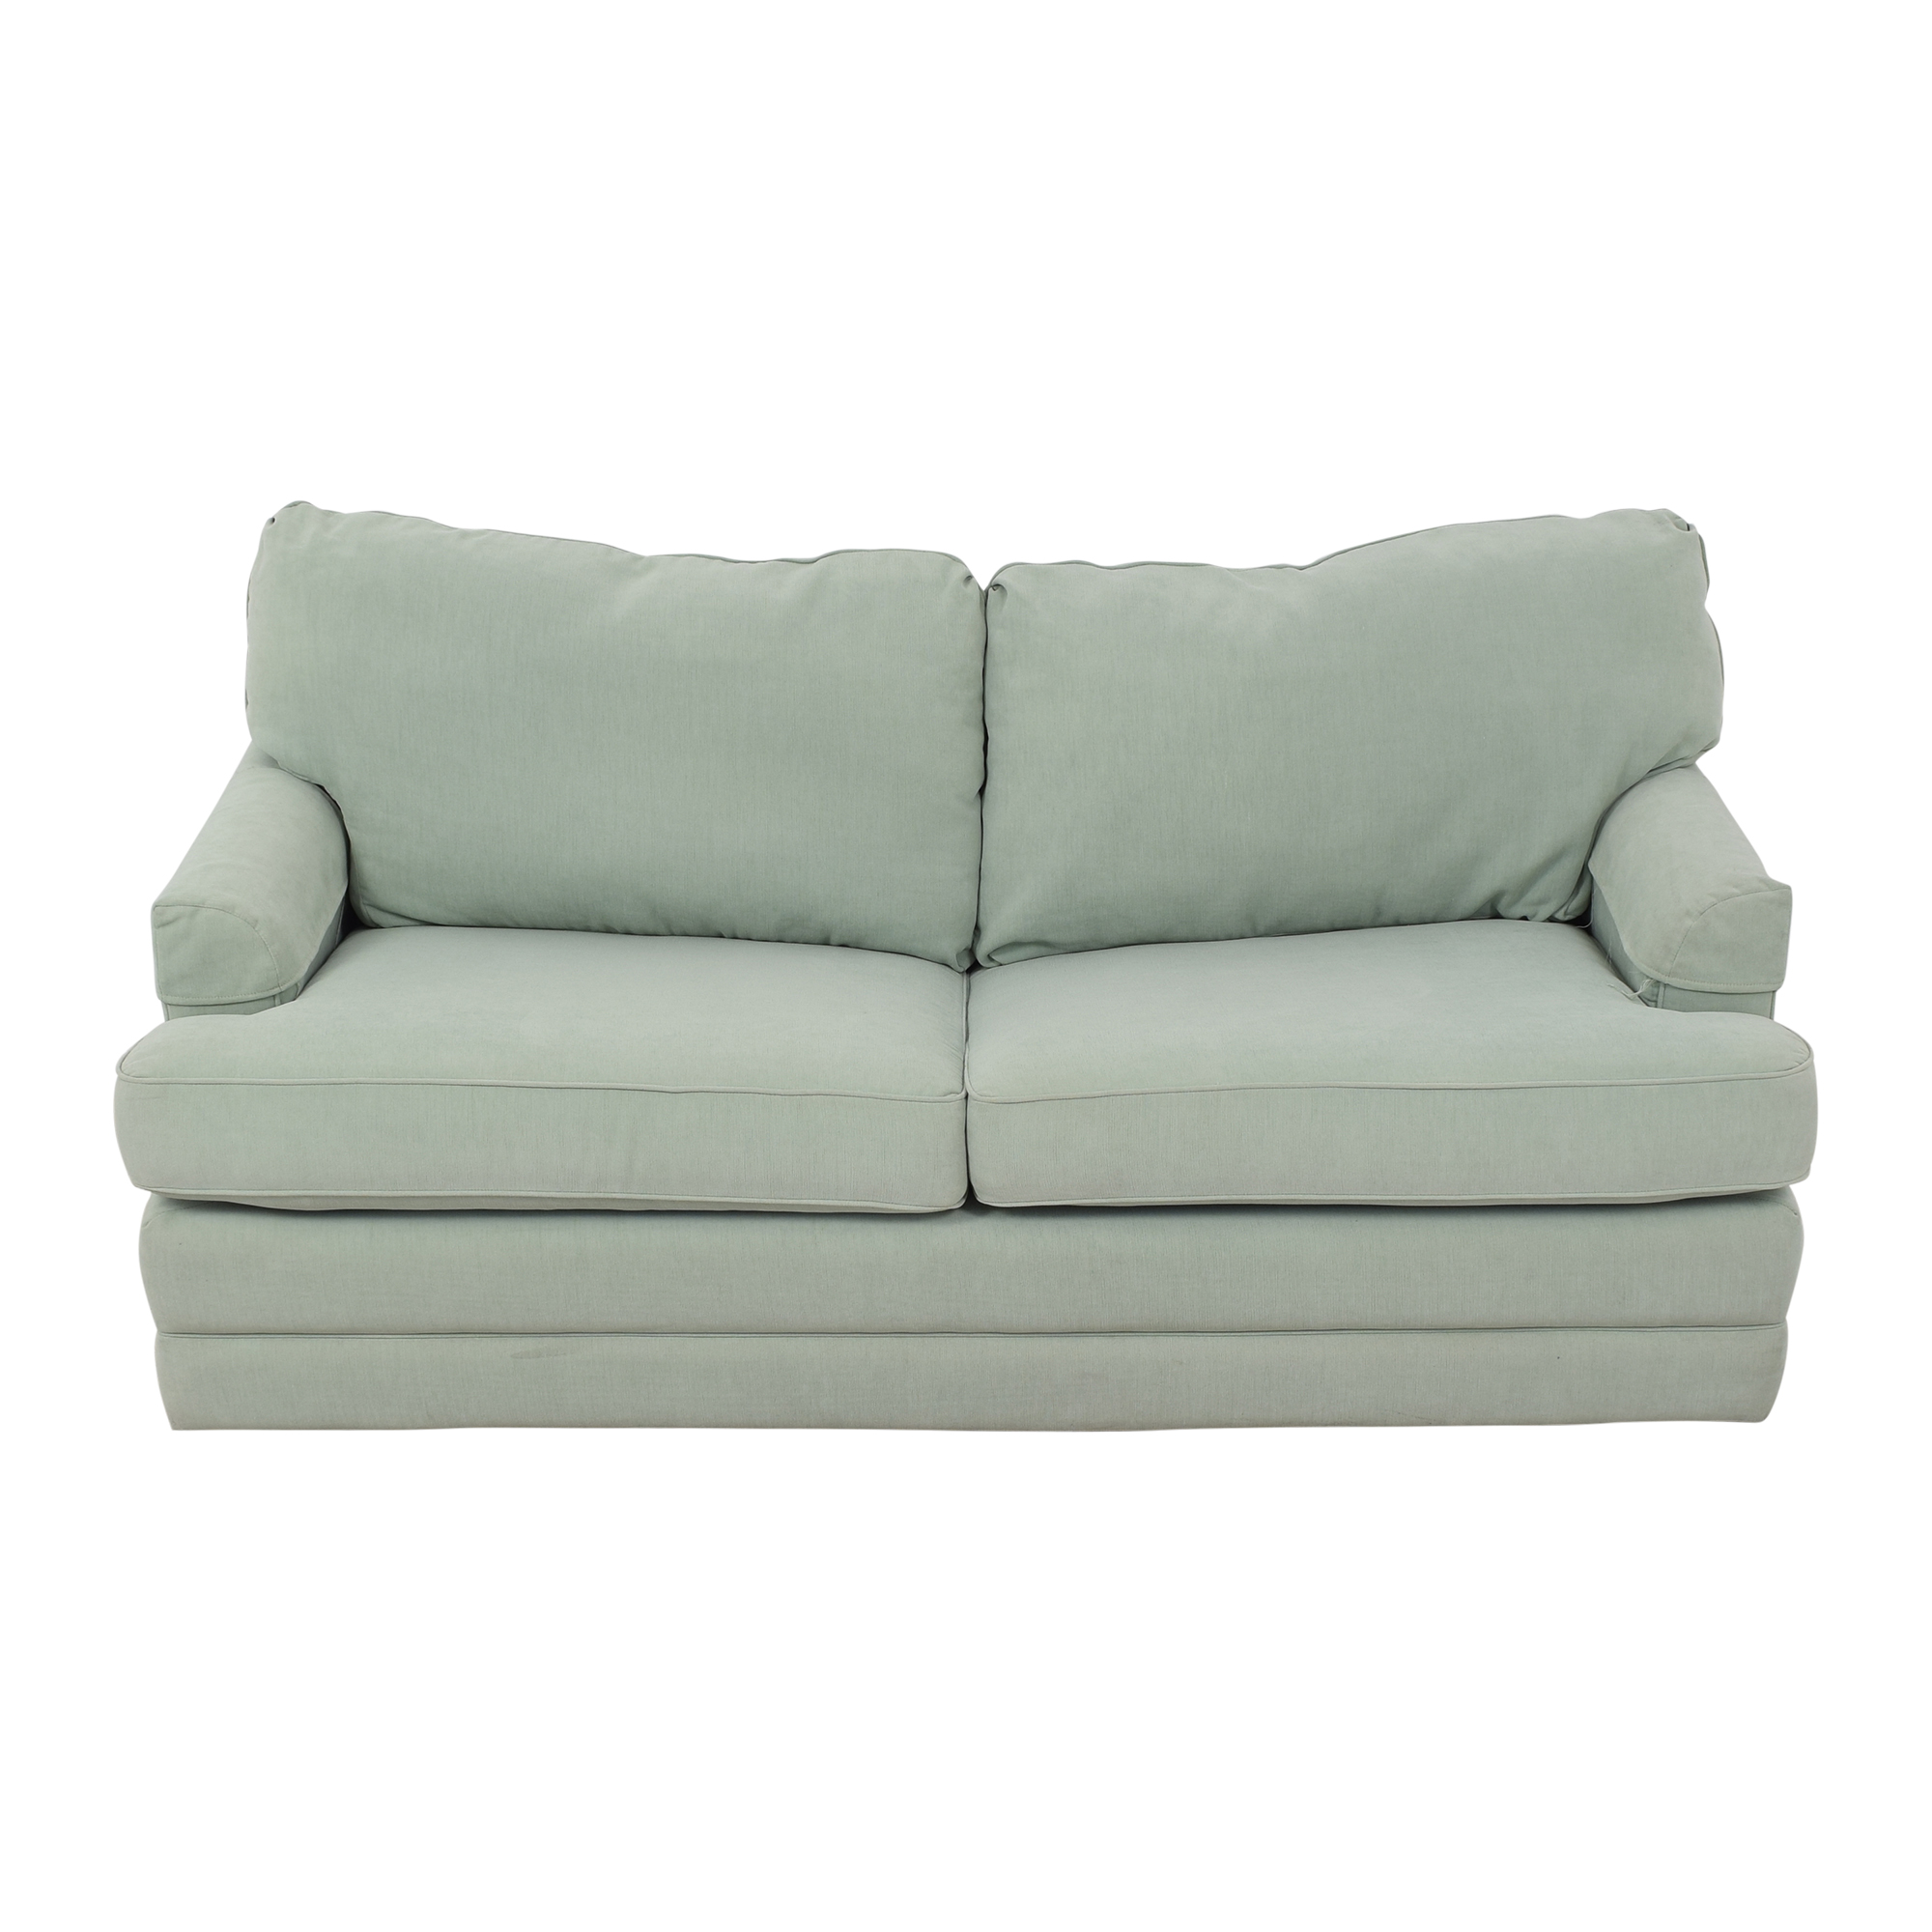 La-Z-Boy La-Z-Boy Daphne Two Cushion Sofa Bed Sofas